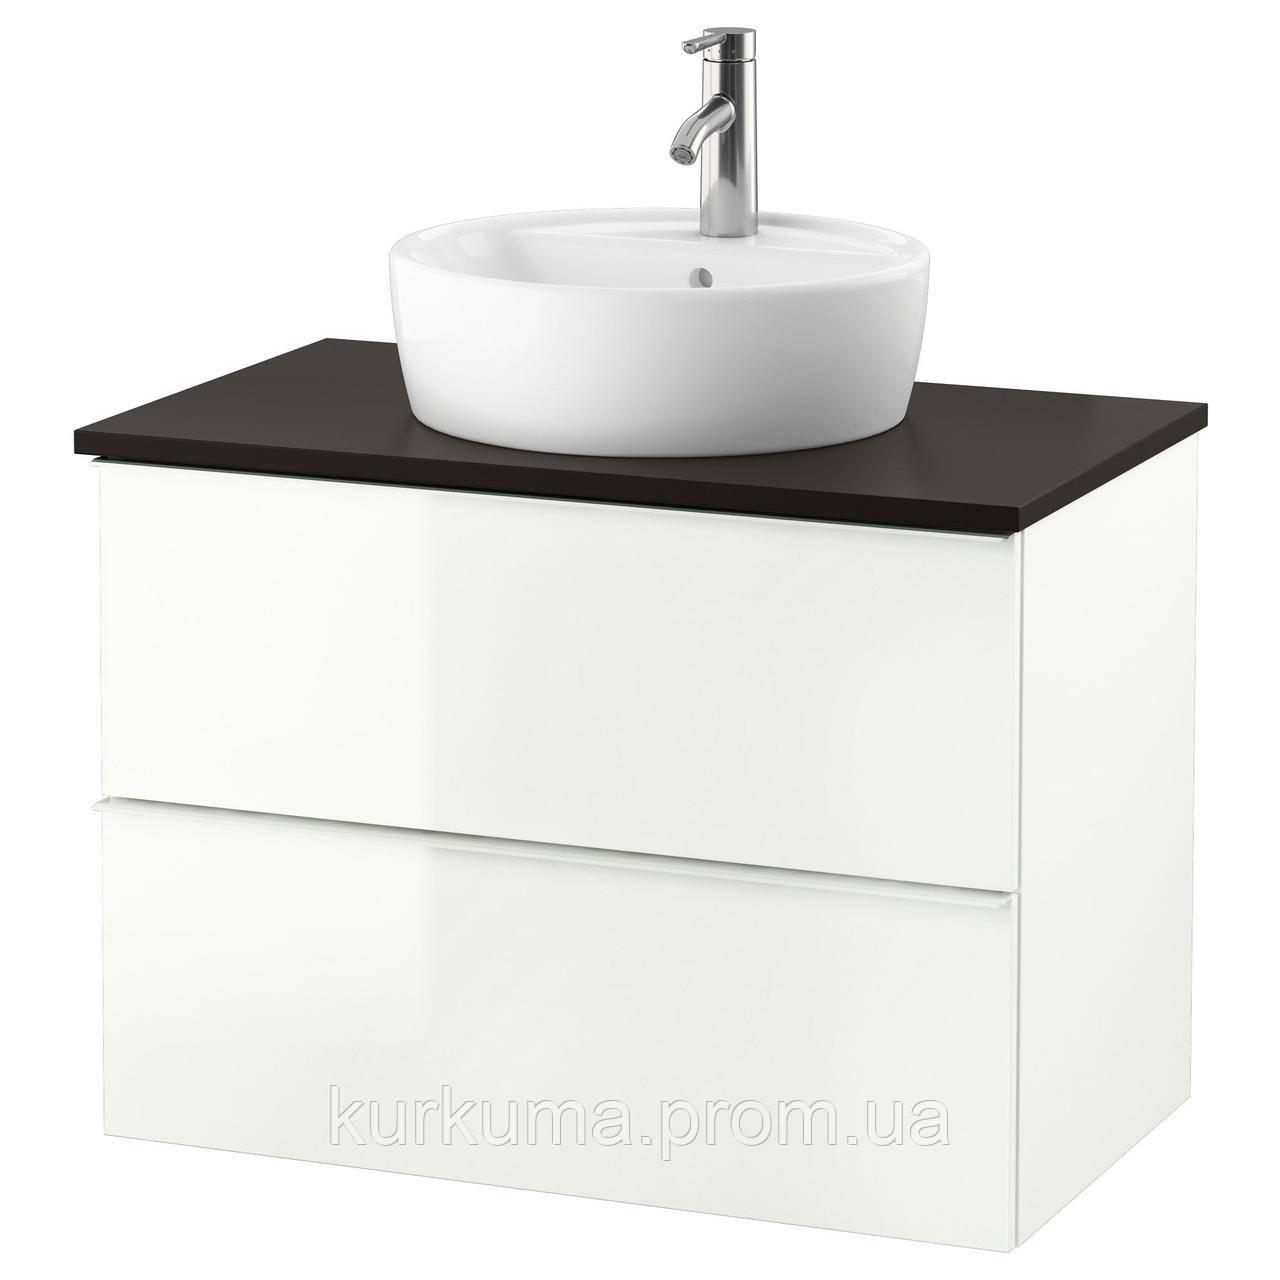 IKEA GODMORGON/TOLKEN/TORNVIKEN Шкаф под умывальник с раковиной, глянцевый белый, антрацит  (291.878.65)